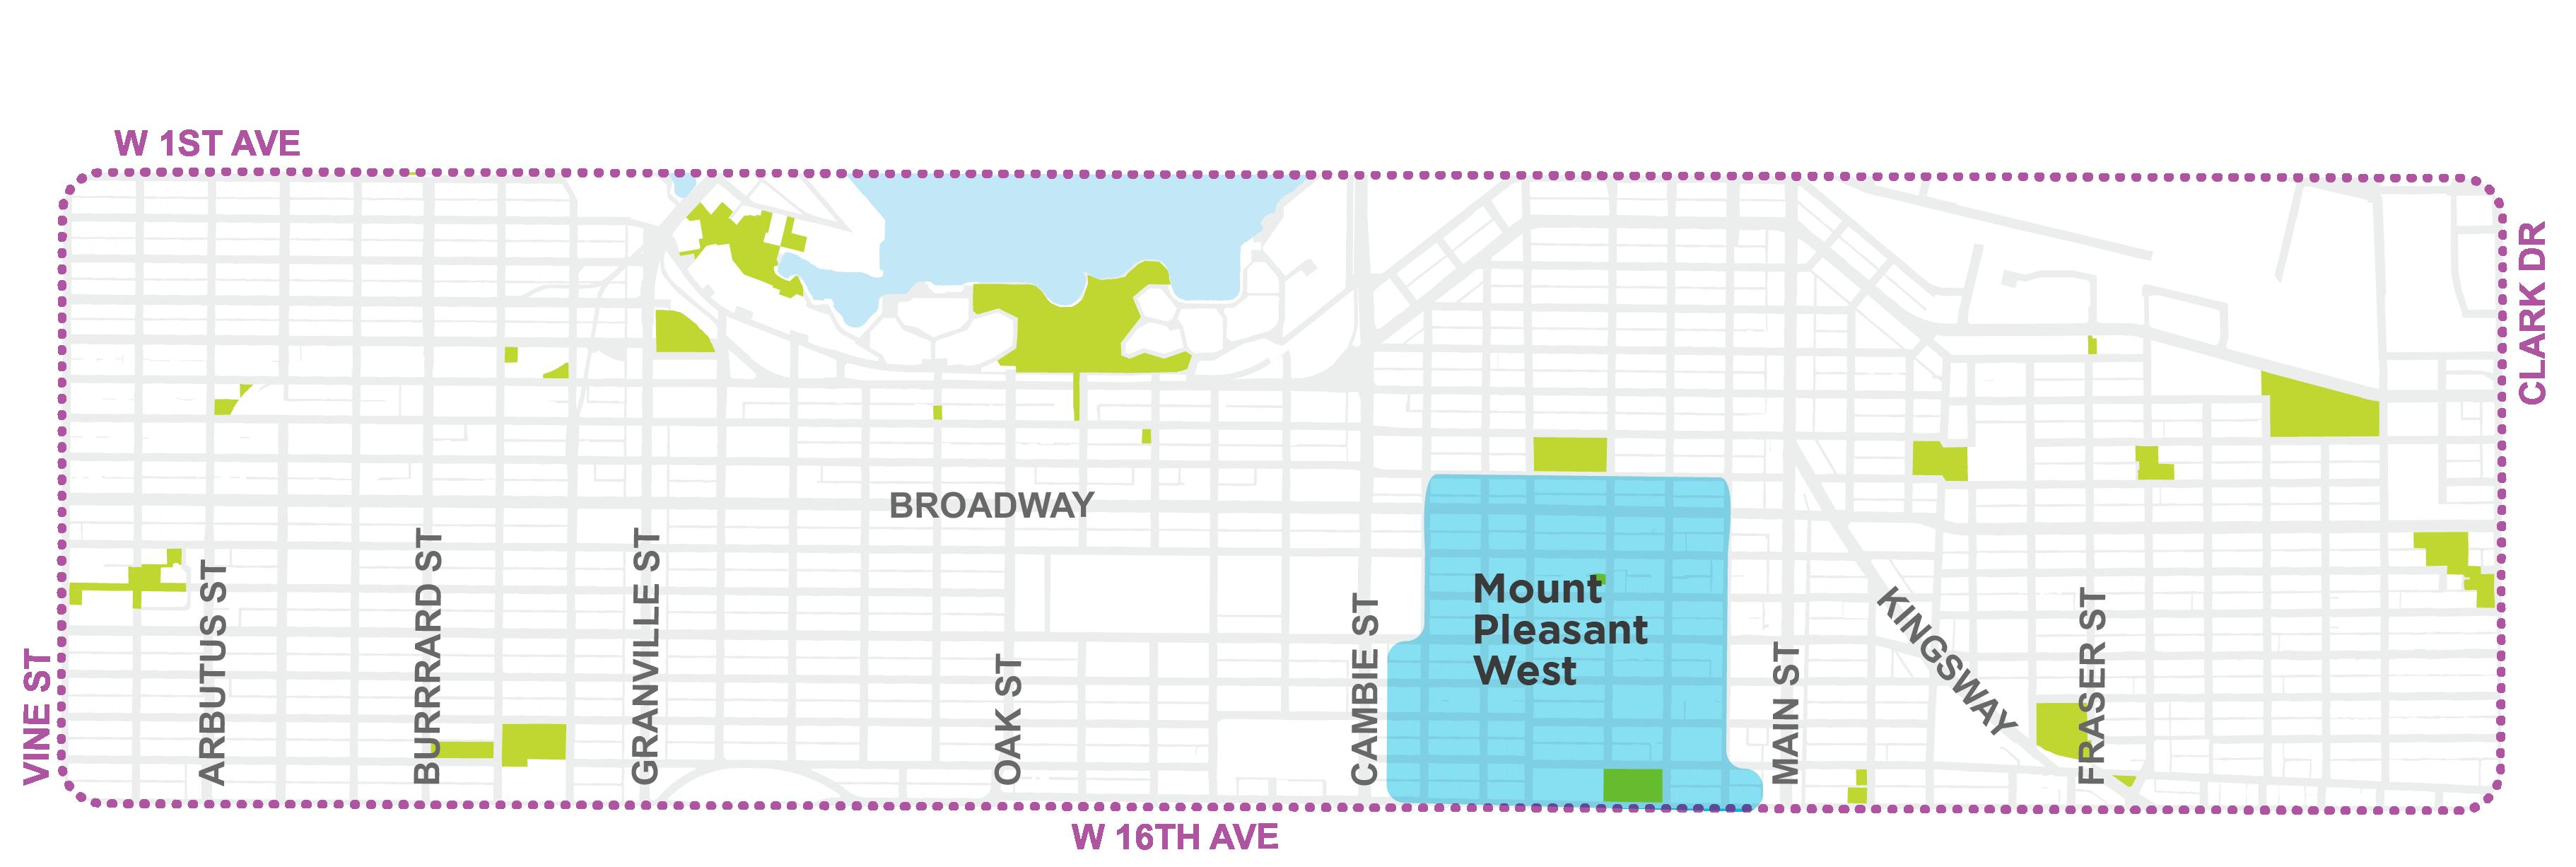 Mt Pleasant West Map